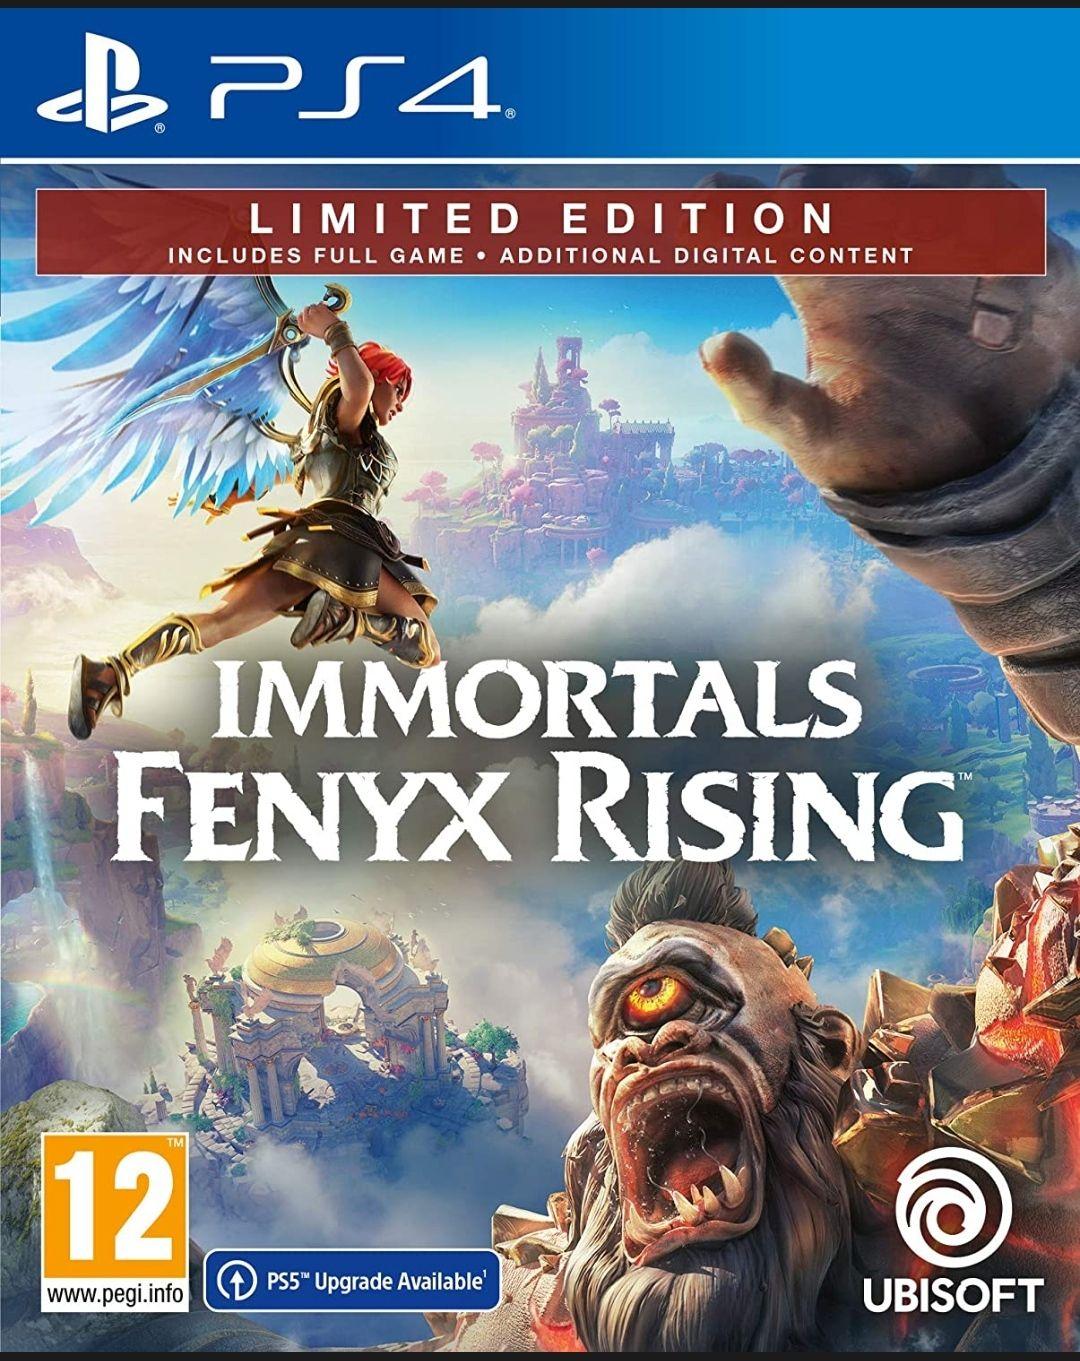 [Prime] Jeu Immortals Fenyx rising sur PS4 - Limited Edition (vestion PS5 inclus)